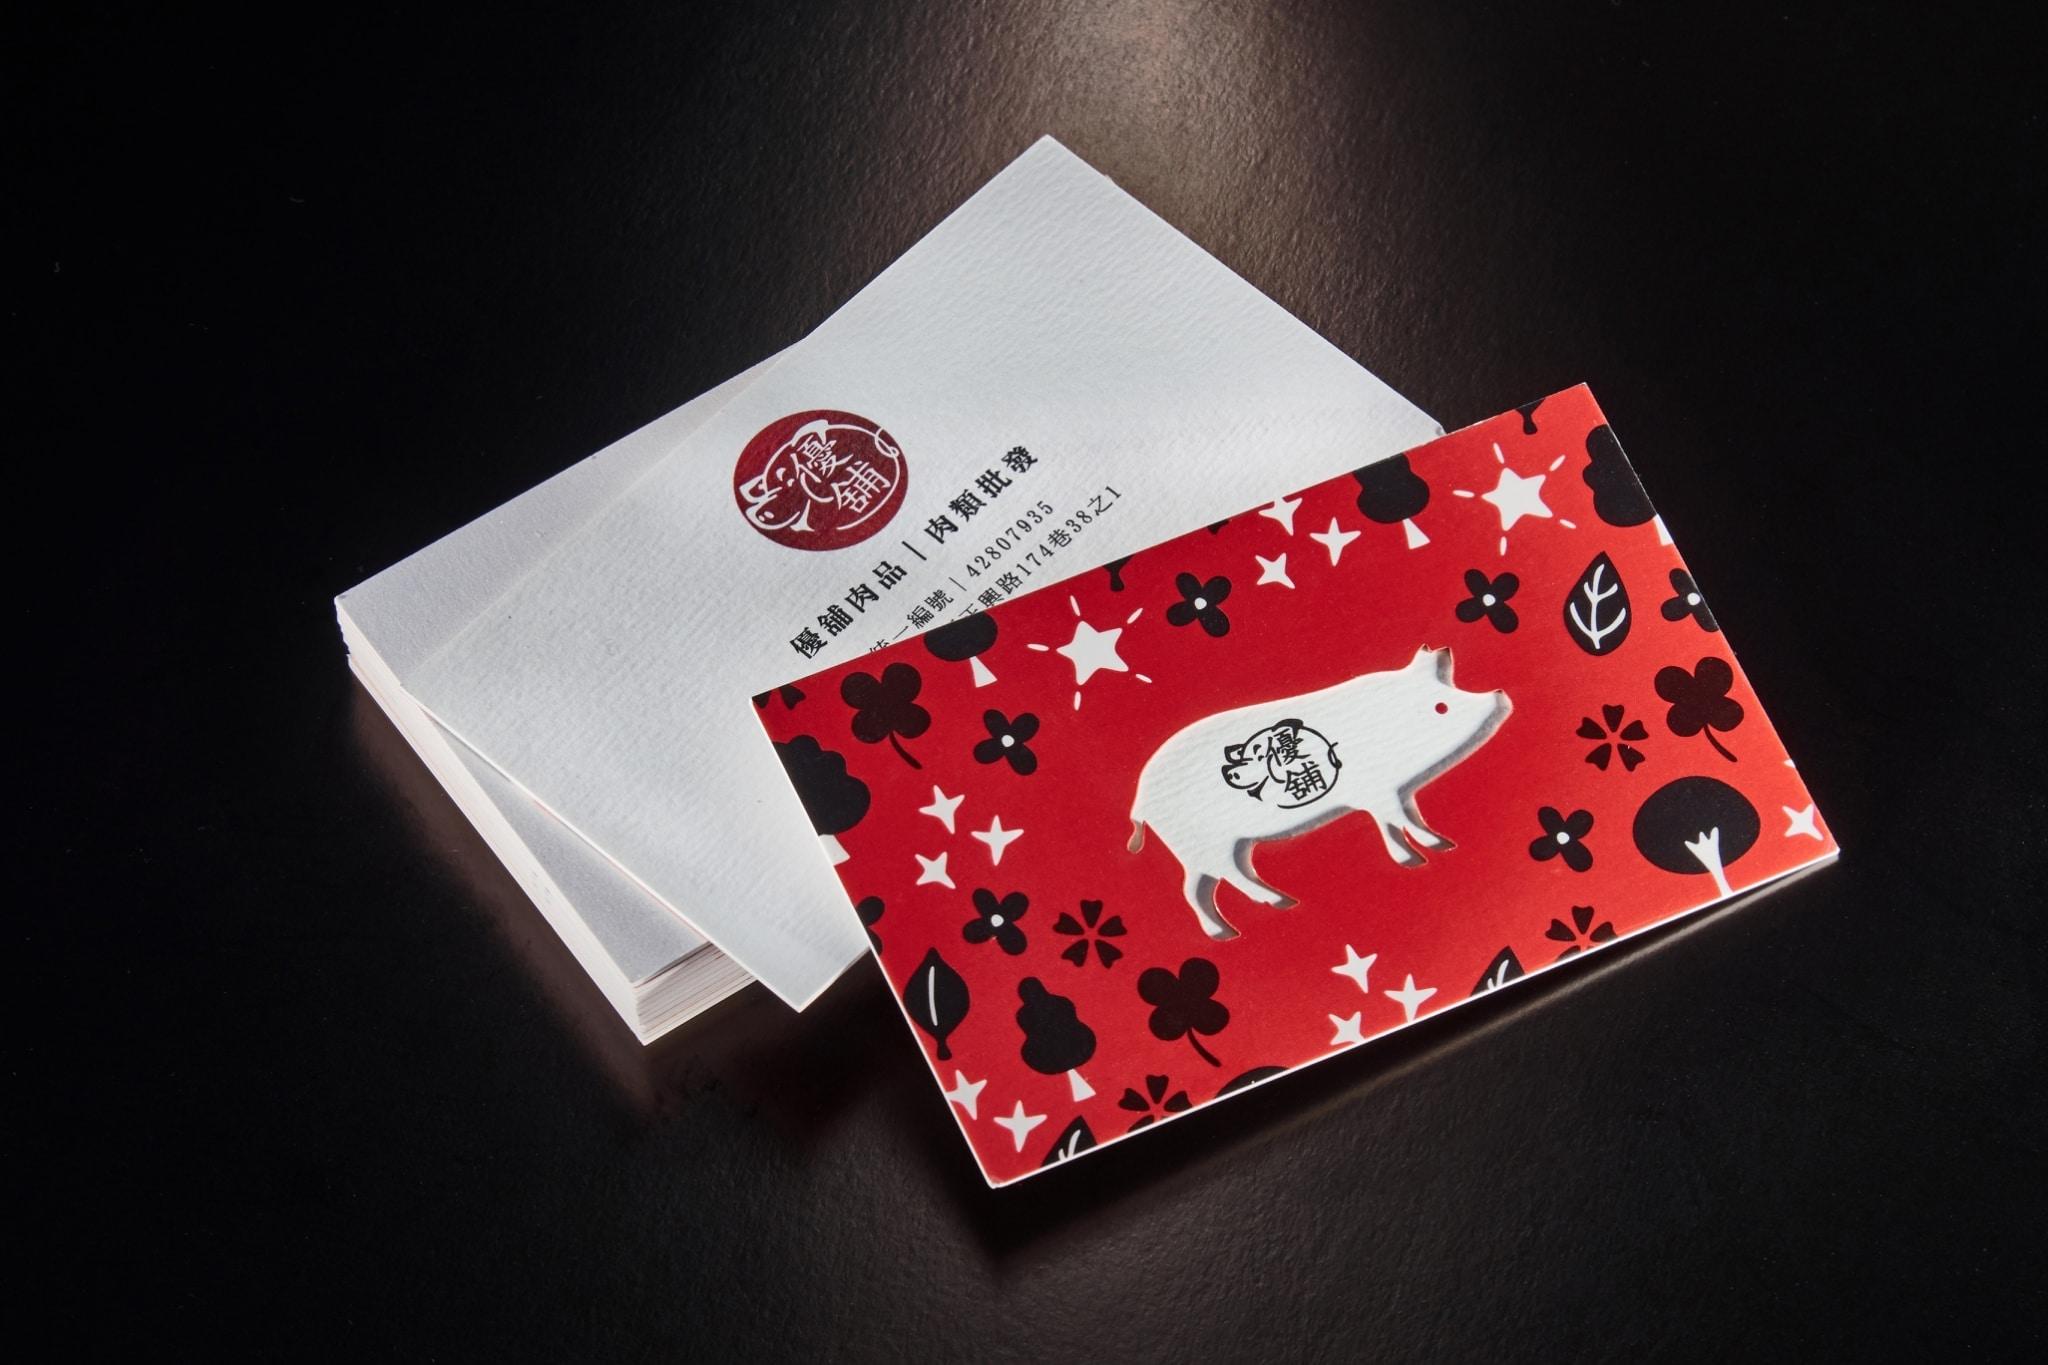 優鋪肉品 名片設計